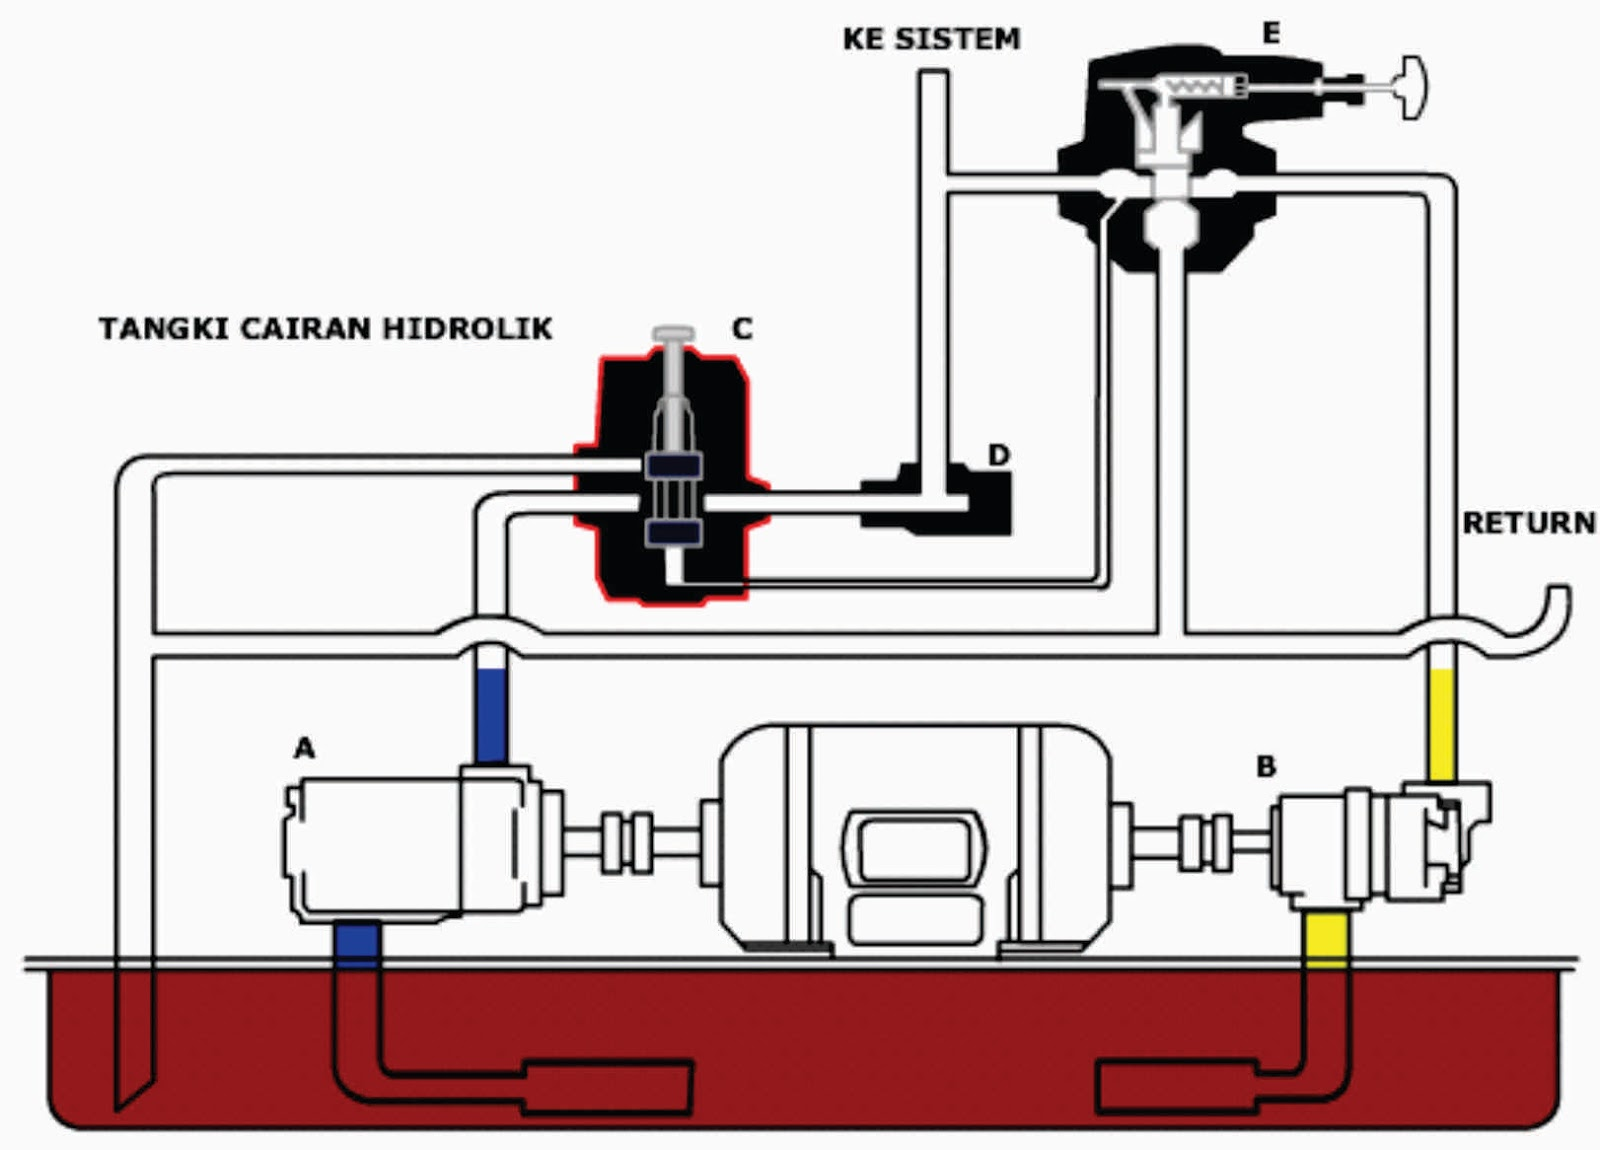 Makalah kliping sistem pompa hidrolik aneka apa aja gudangnya makalah kliping sistem pompa hidrolik ccuart Gallery